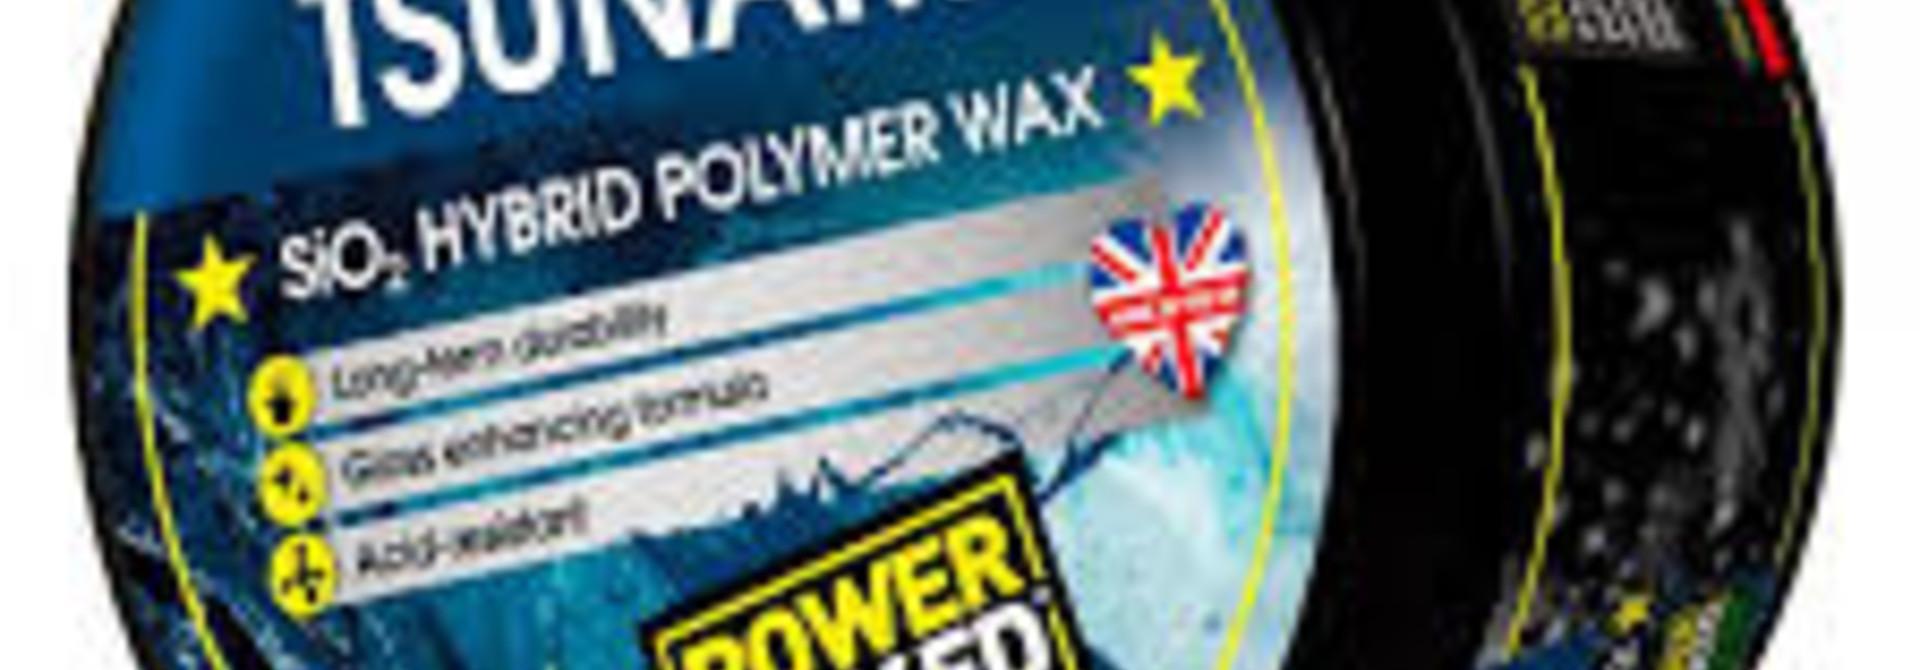 Tsunami  Hybrid Polymer Wax 200ml